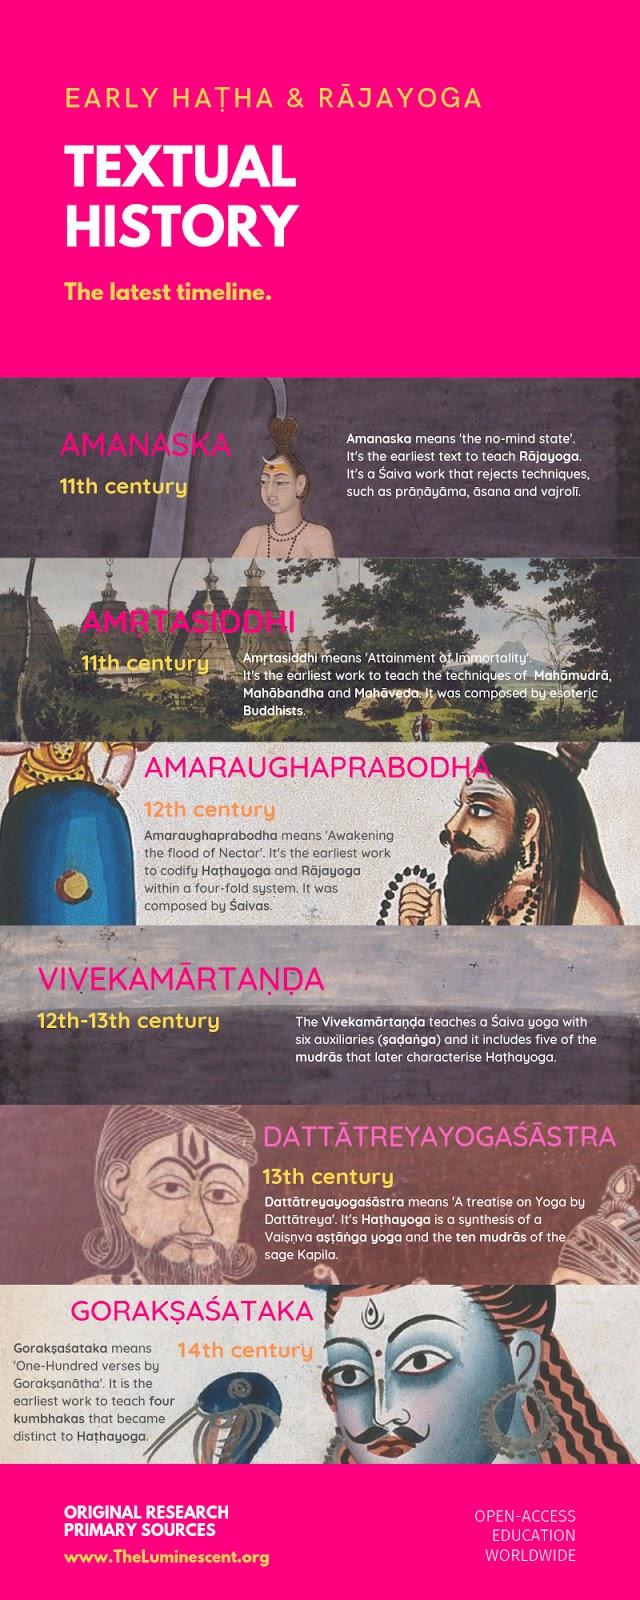 Early Hatha & Rajayoga: The Latest Timeline.